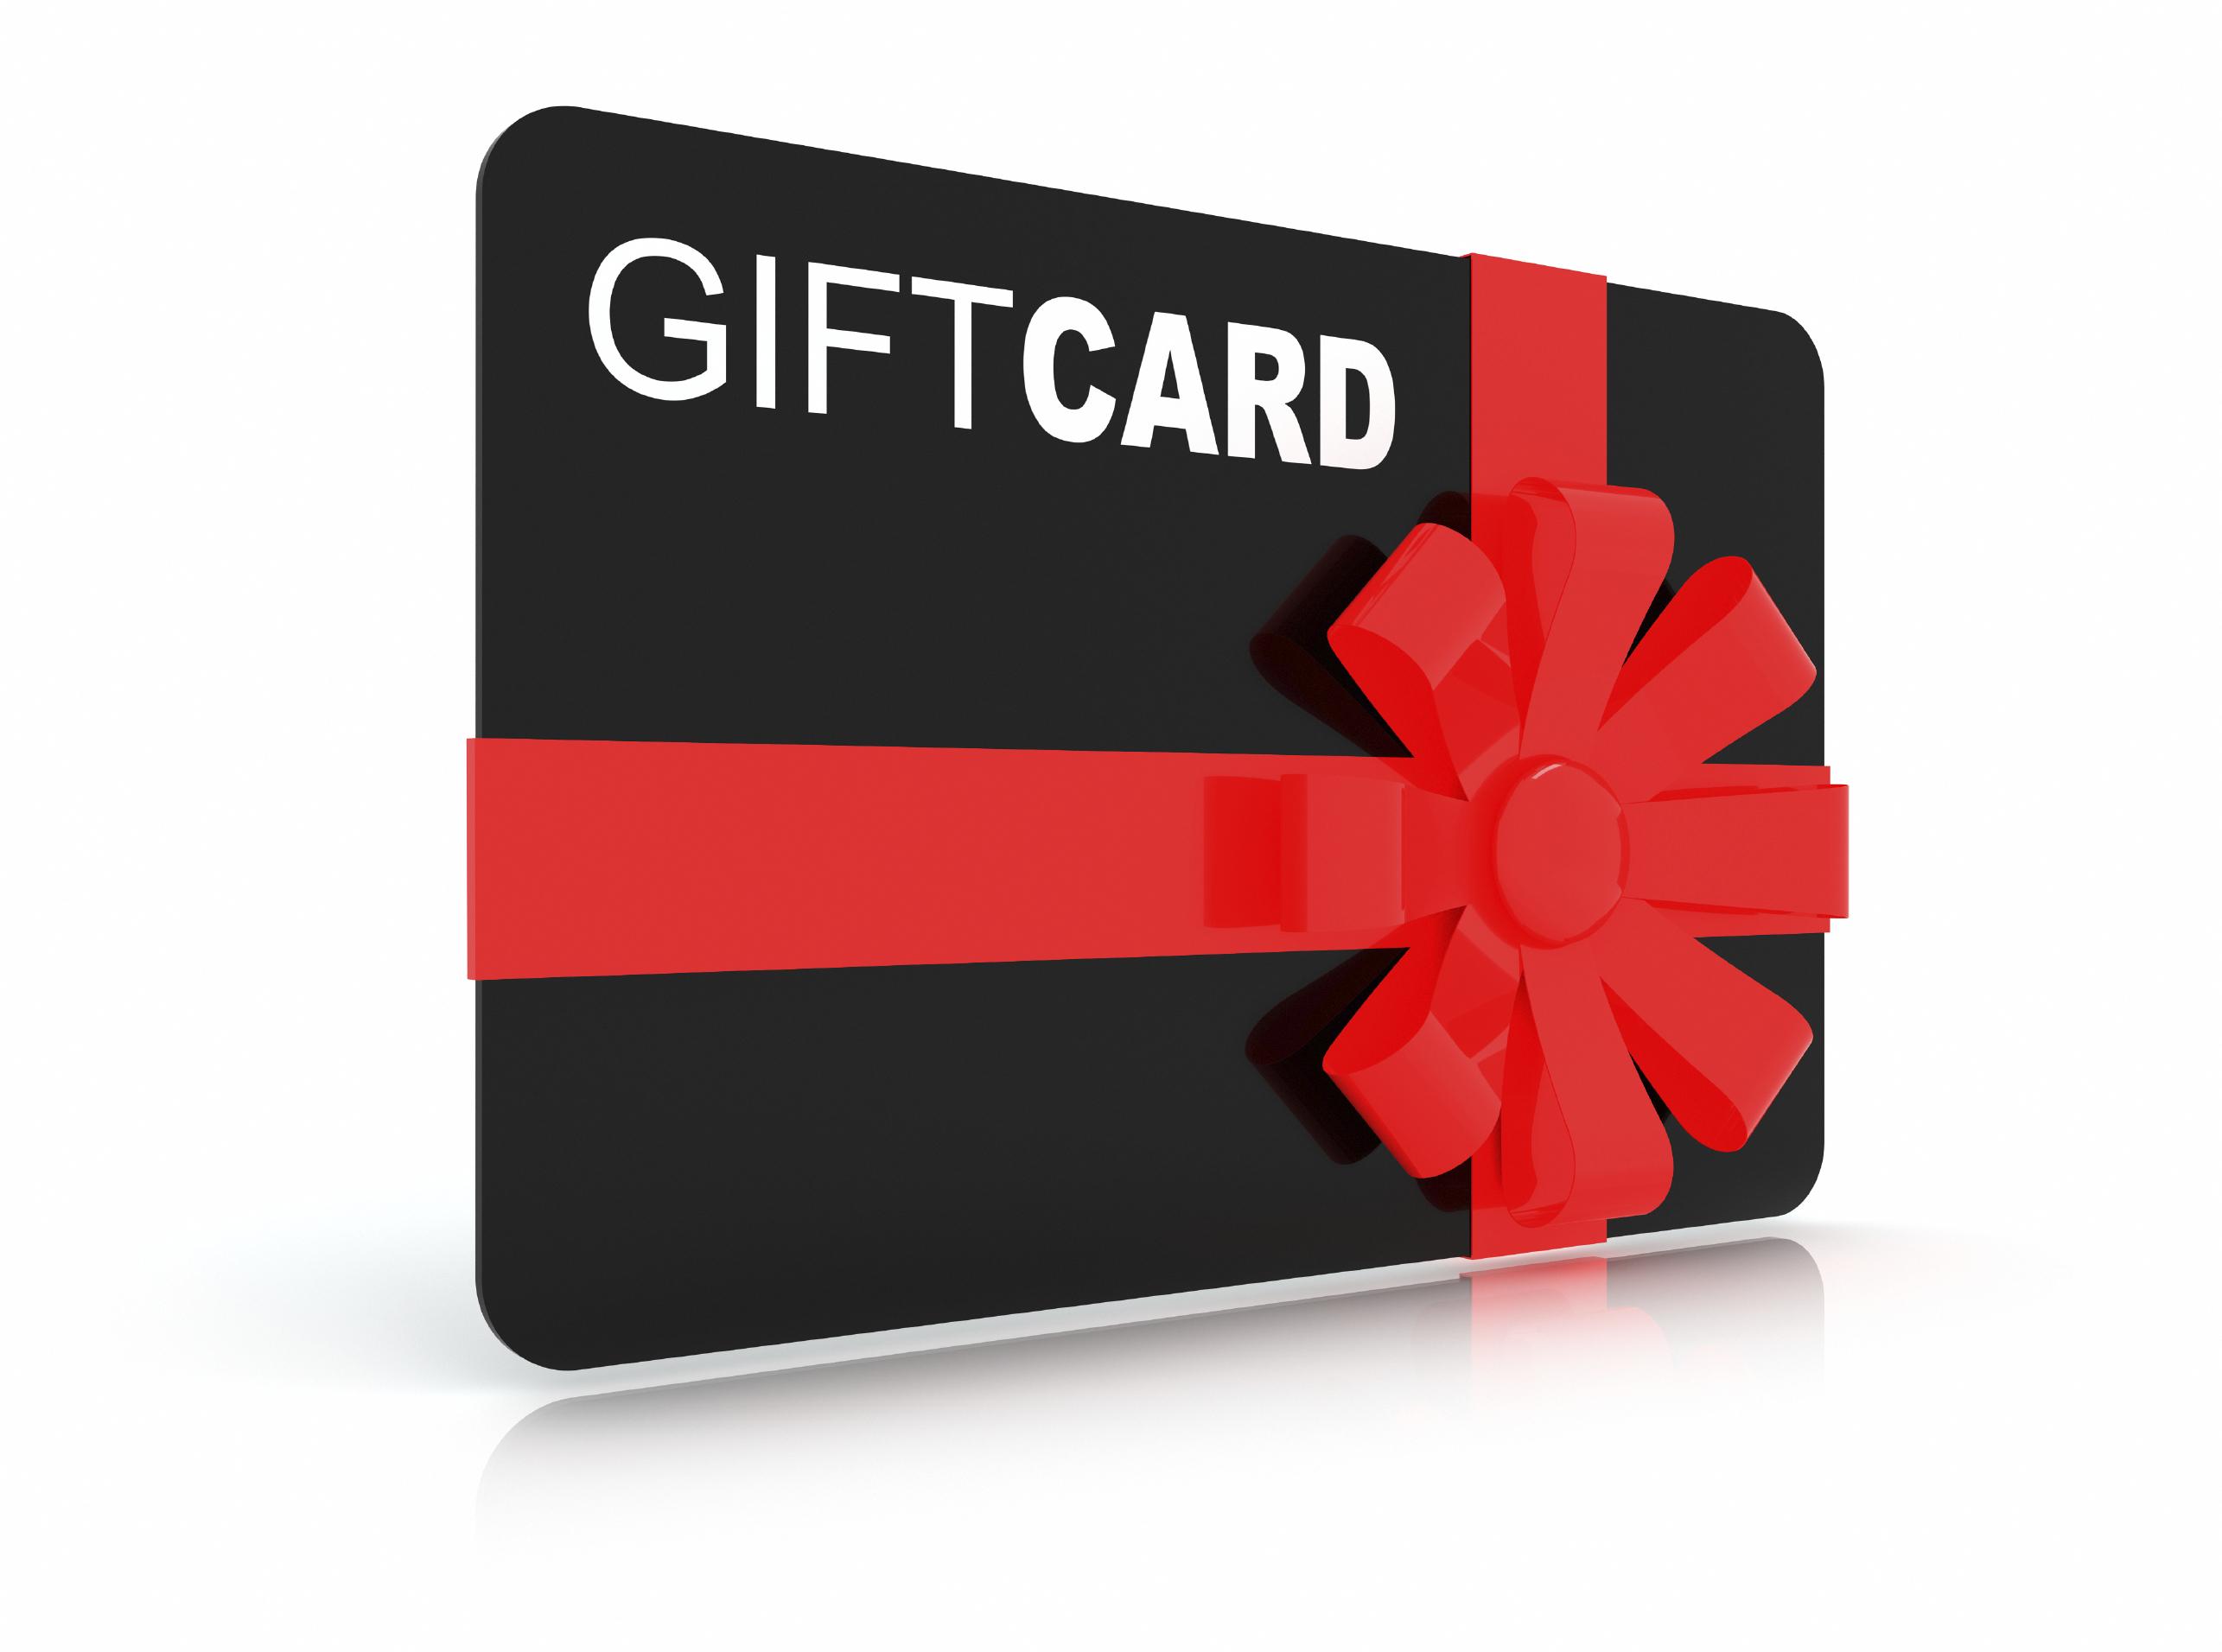 Ikebana Gift Card - $50.00